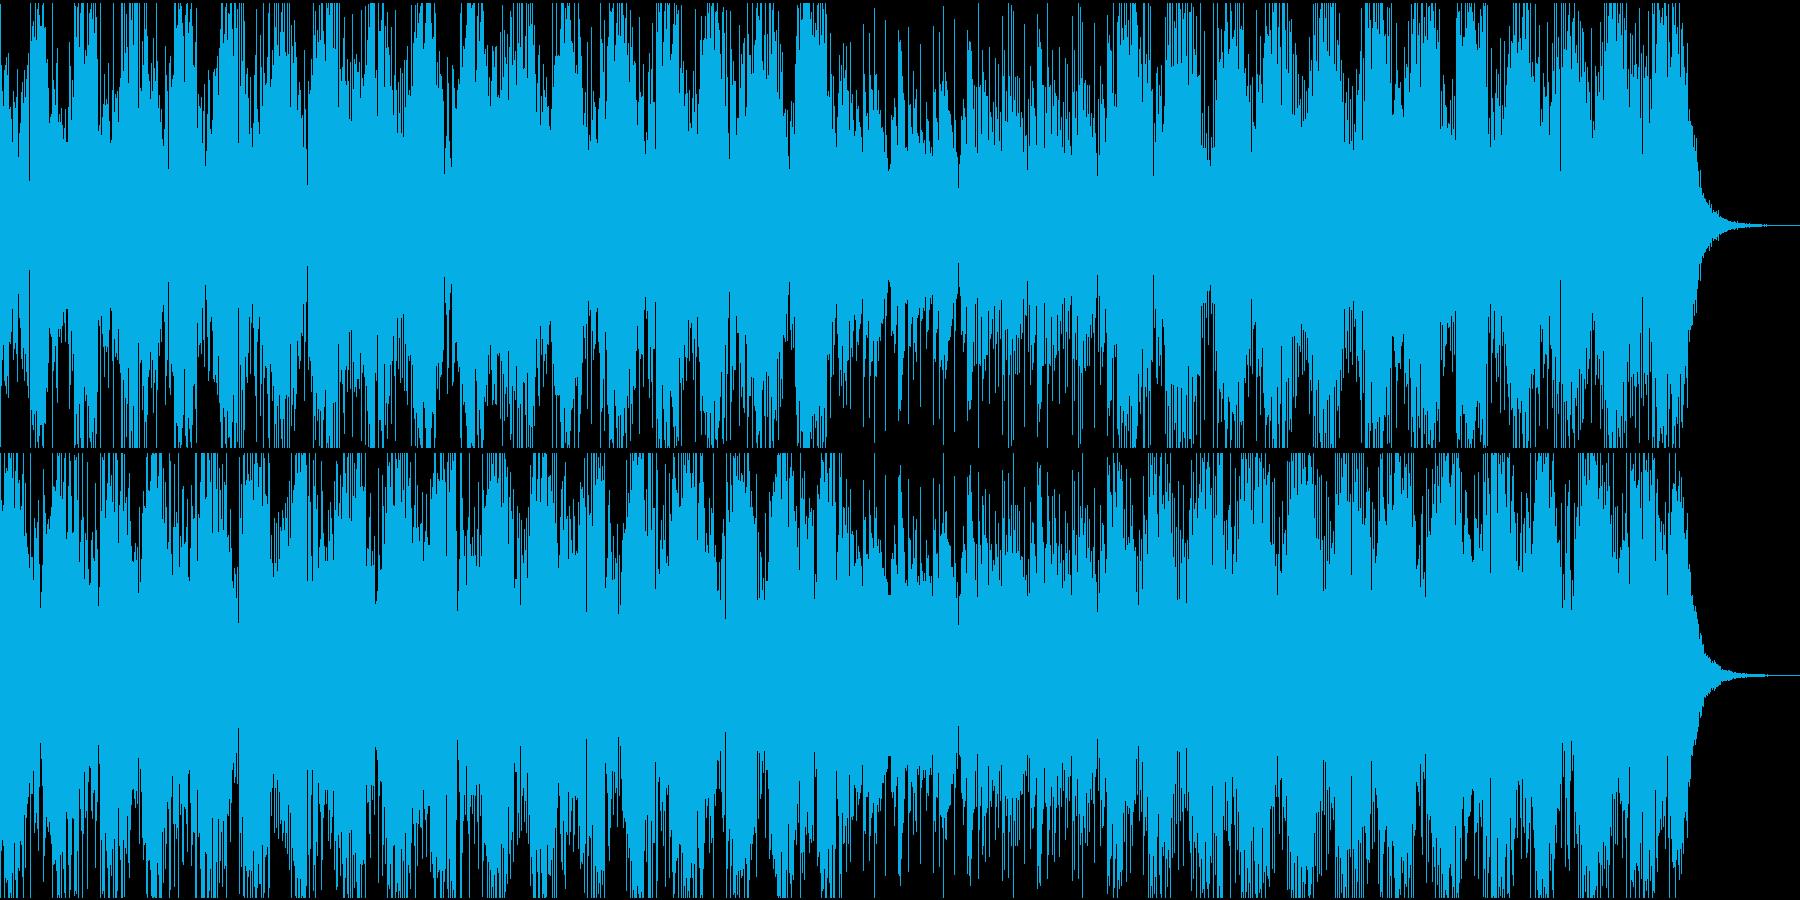 恐怖と緊迫感を醸し出すBGMの再生済みの波形